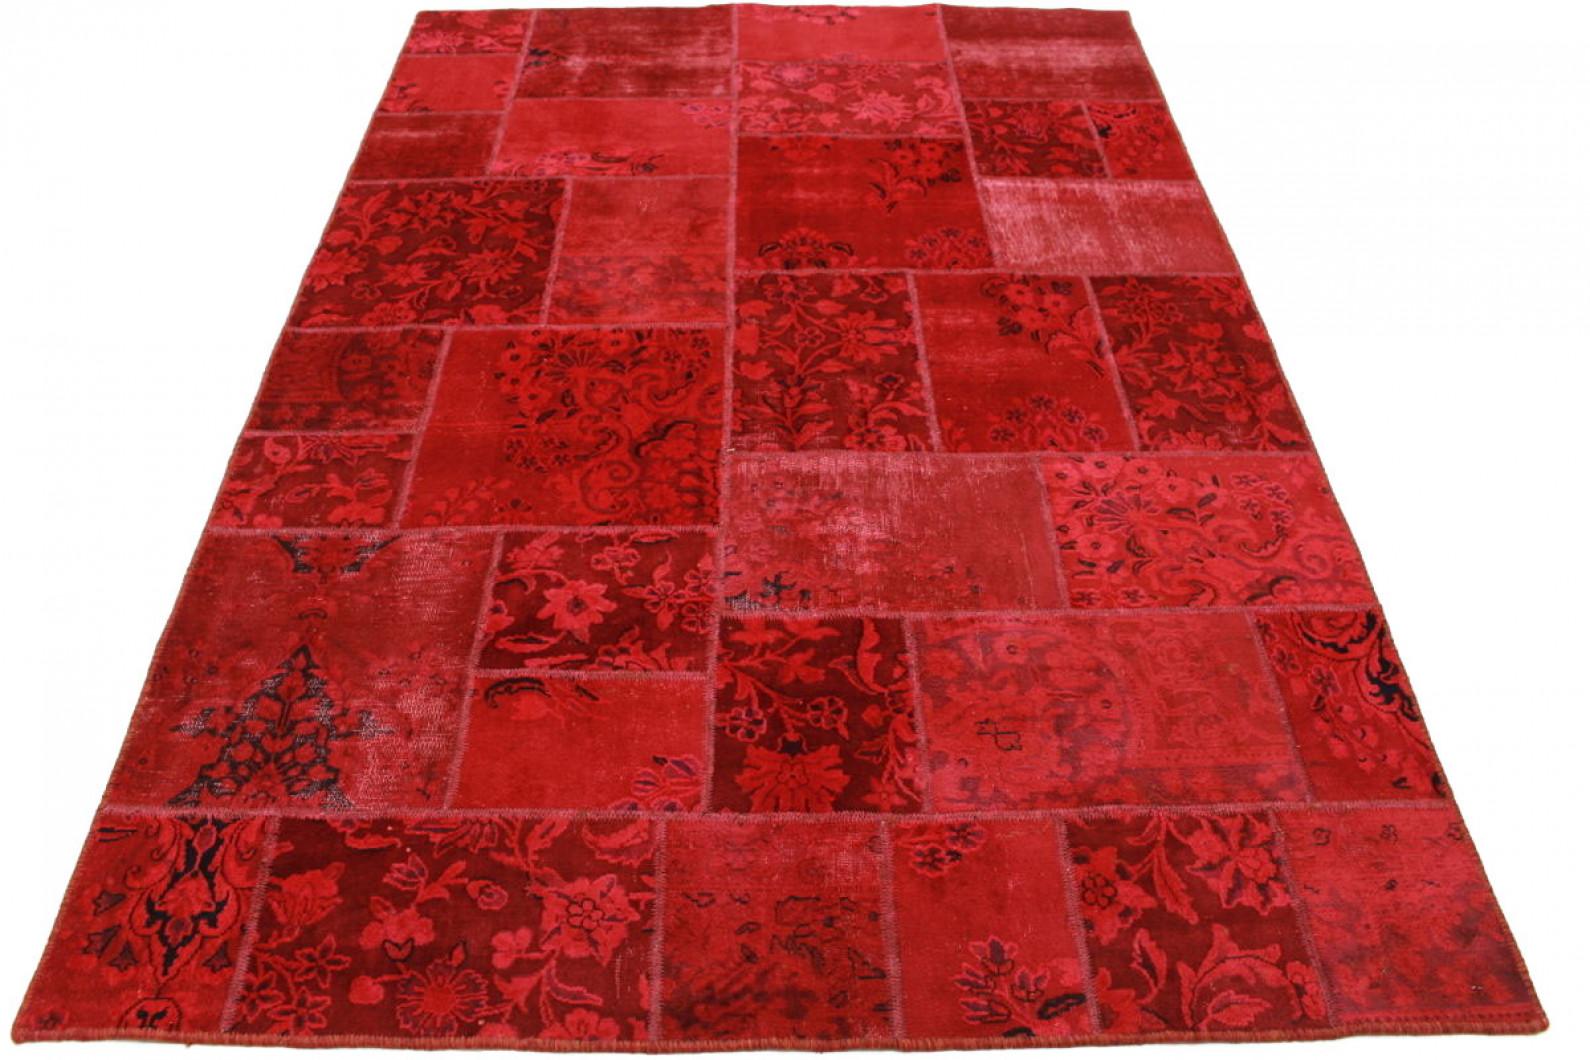 Vintage Teppich Rot In 240x160cm 1001 2145 Bei Carpetido De Kaufen